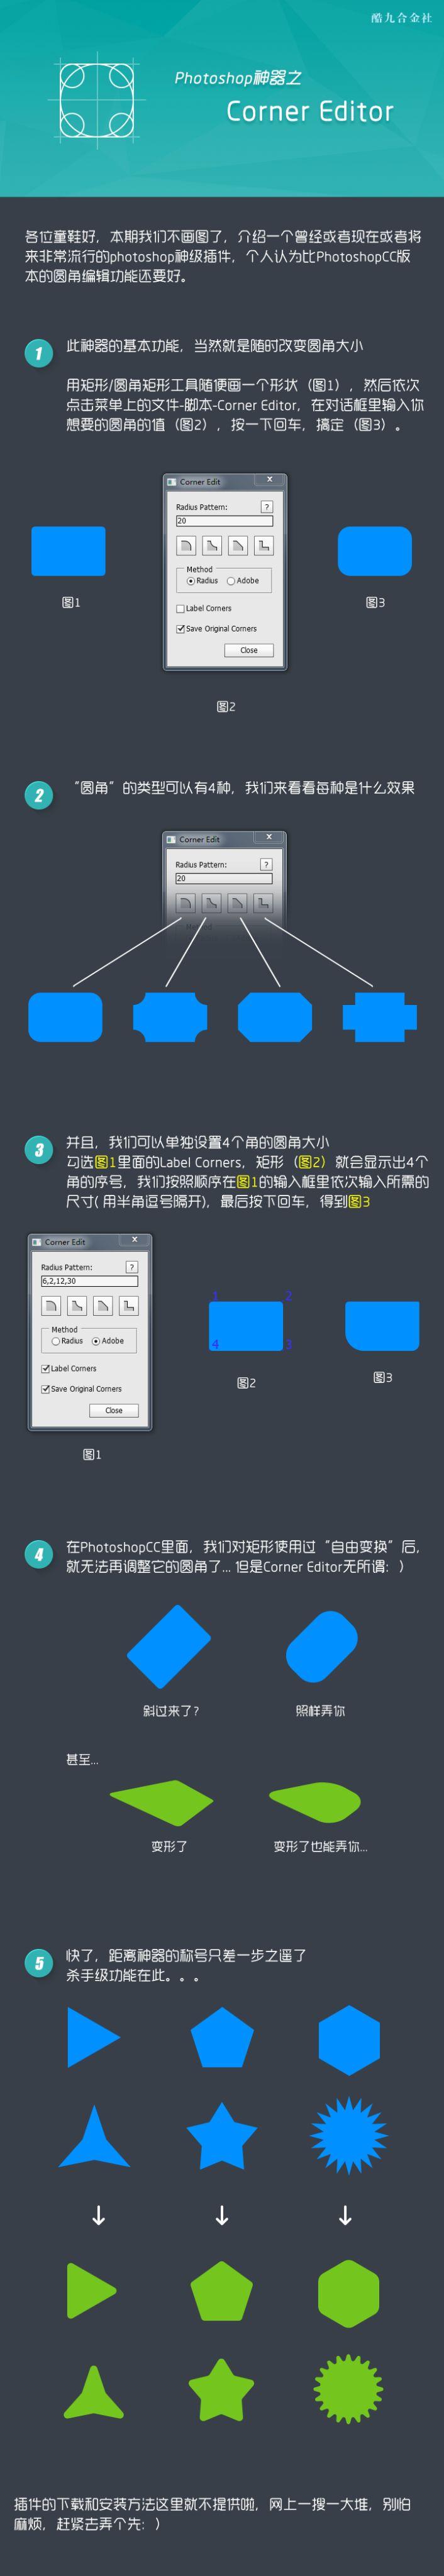 Corner Editor操作案例